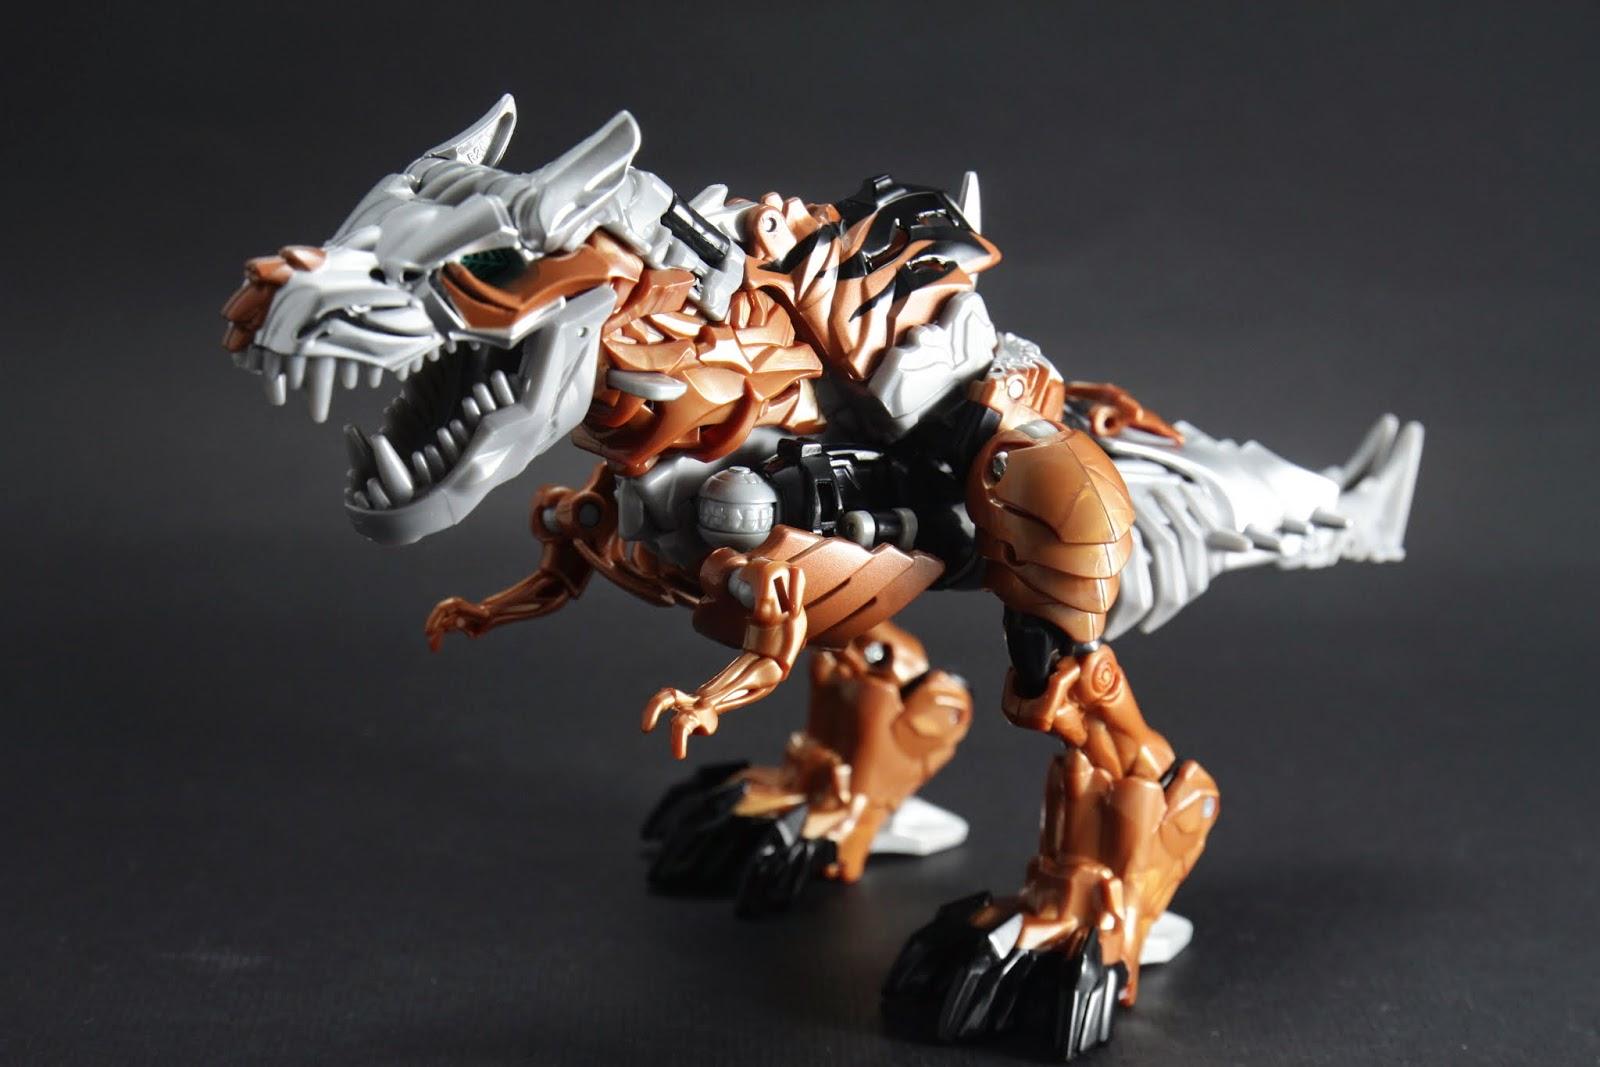 先從恐龍型態看起 V級的恐龍型態比L級好看多了